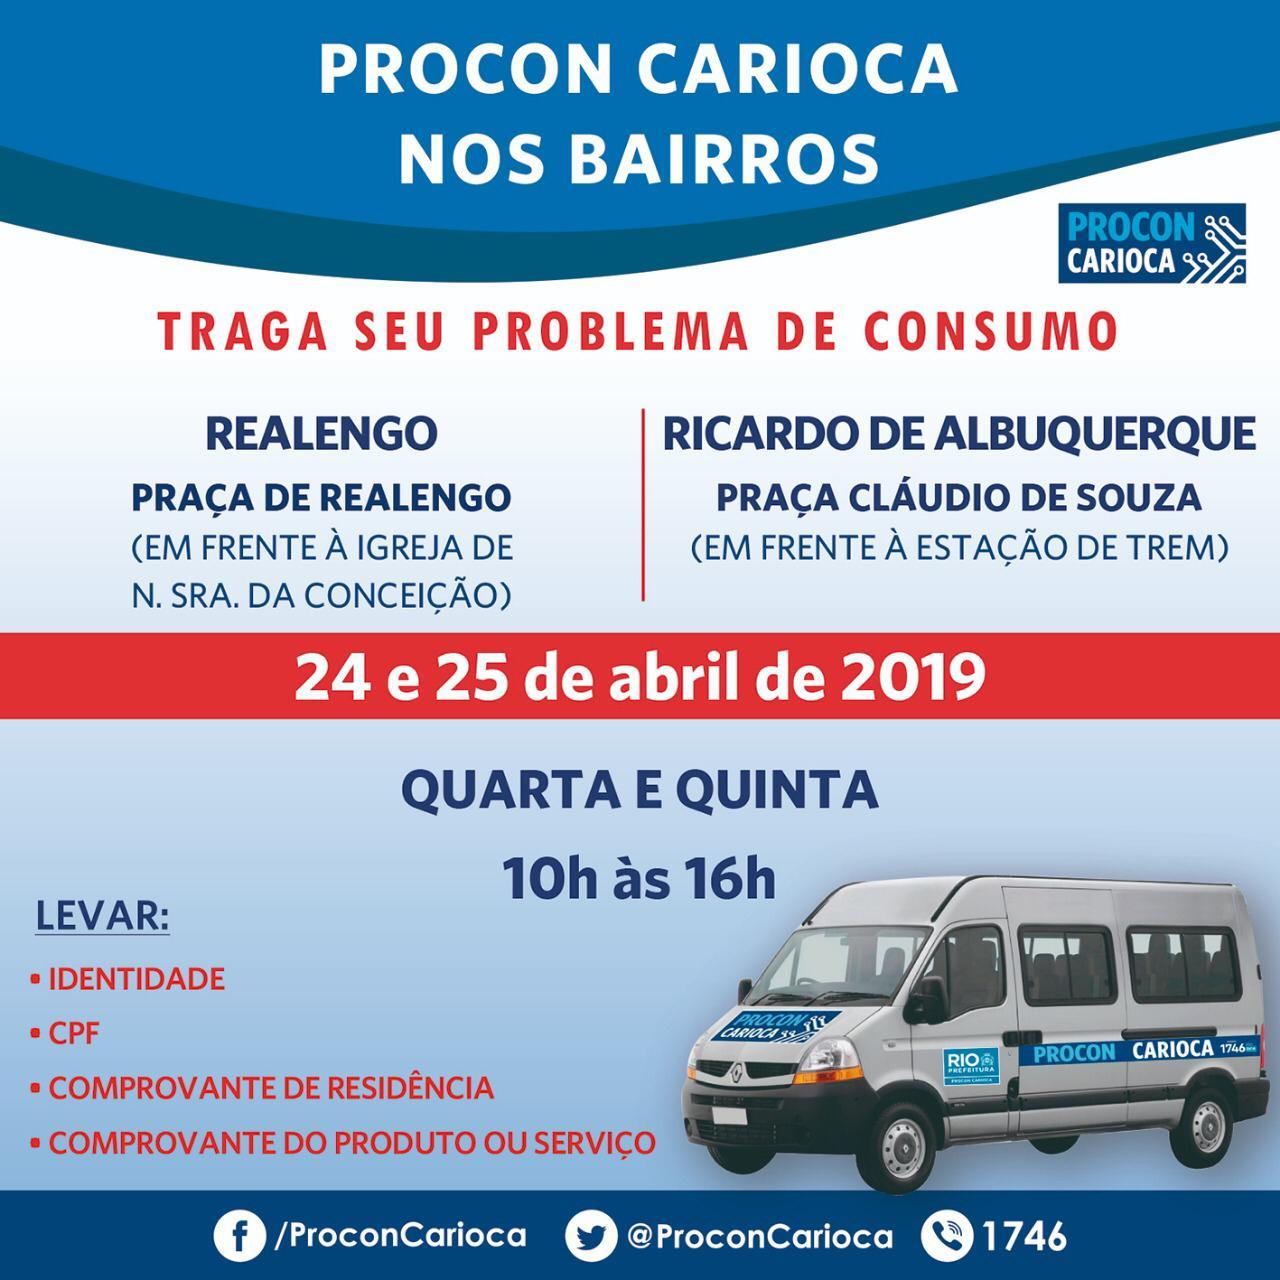 Procon Carioca nos Bairros chega a Realengo e Ricardo de Albuquerque